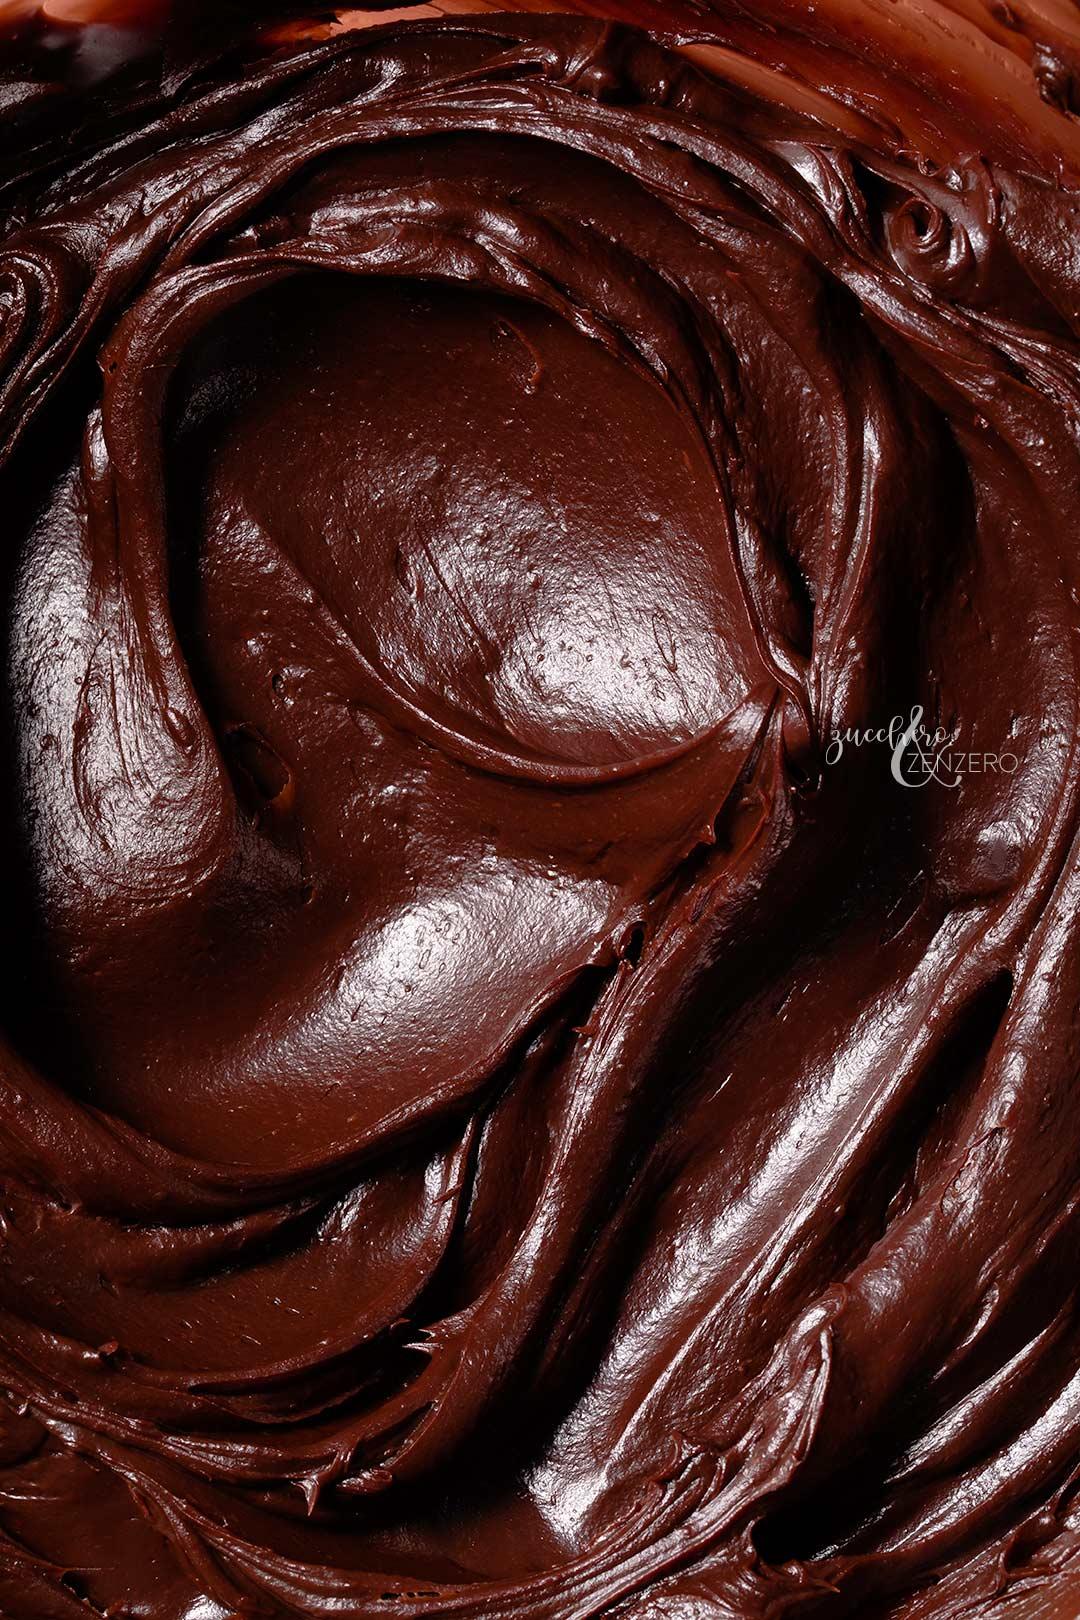 Tartufi al cioccolato - ganache